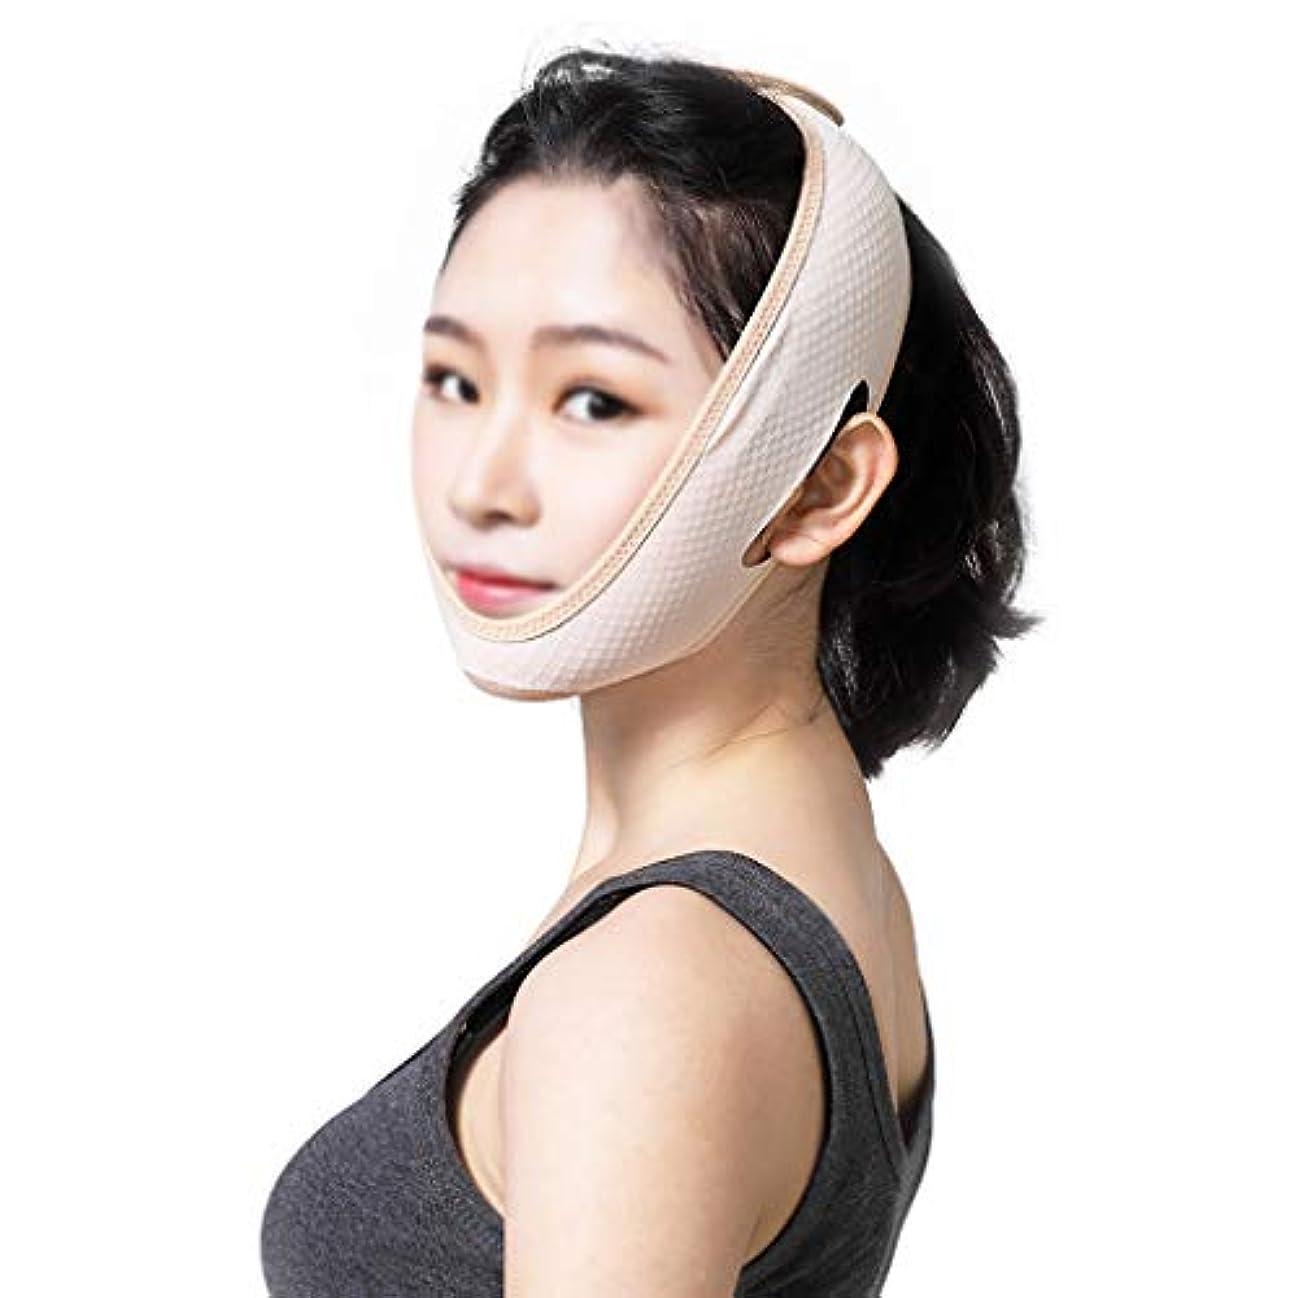 見かけ上請求ビームフェイスリフトマスク医療美容ライン彫刻術後回復マスクvフェイスリフティングタイトヘッドギアあごあご包帯薄い顔楽器アーティファクト